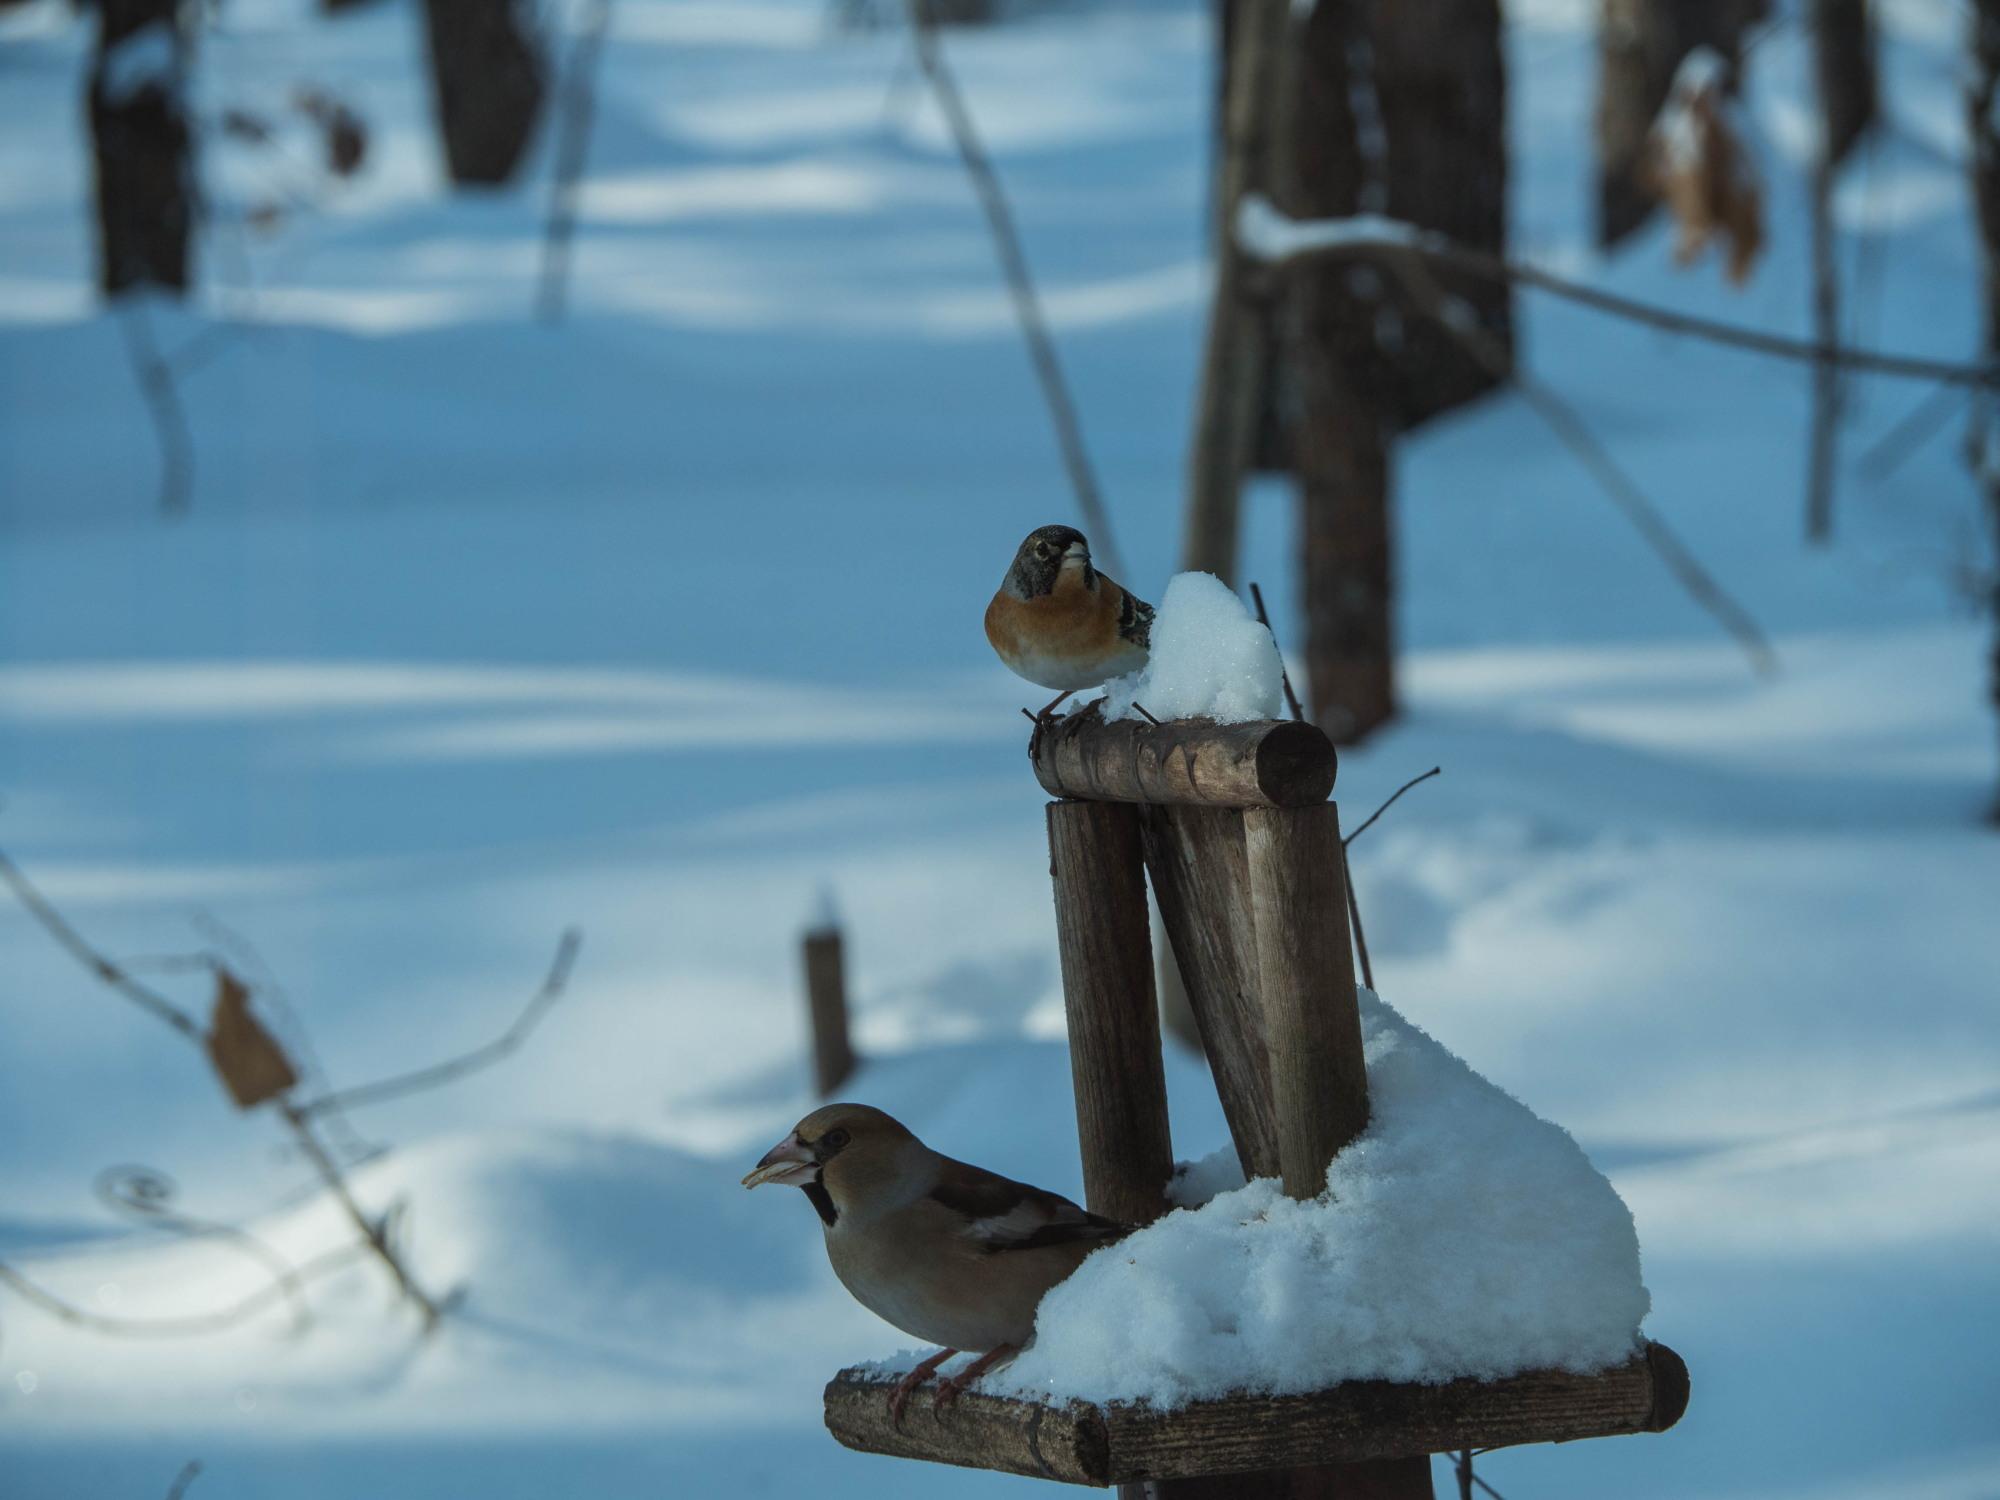 野鳥の群れに・・エゾリス君、カラマツの木の枝で固まる!_f0276498_17010504.jpg